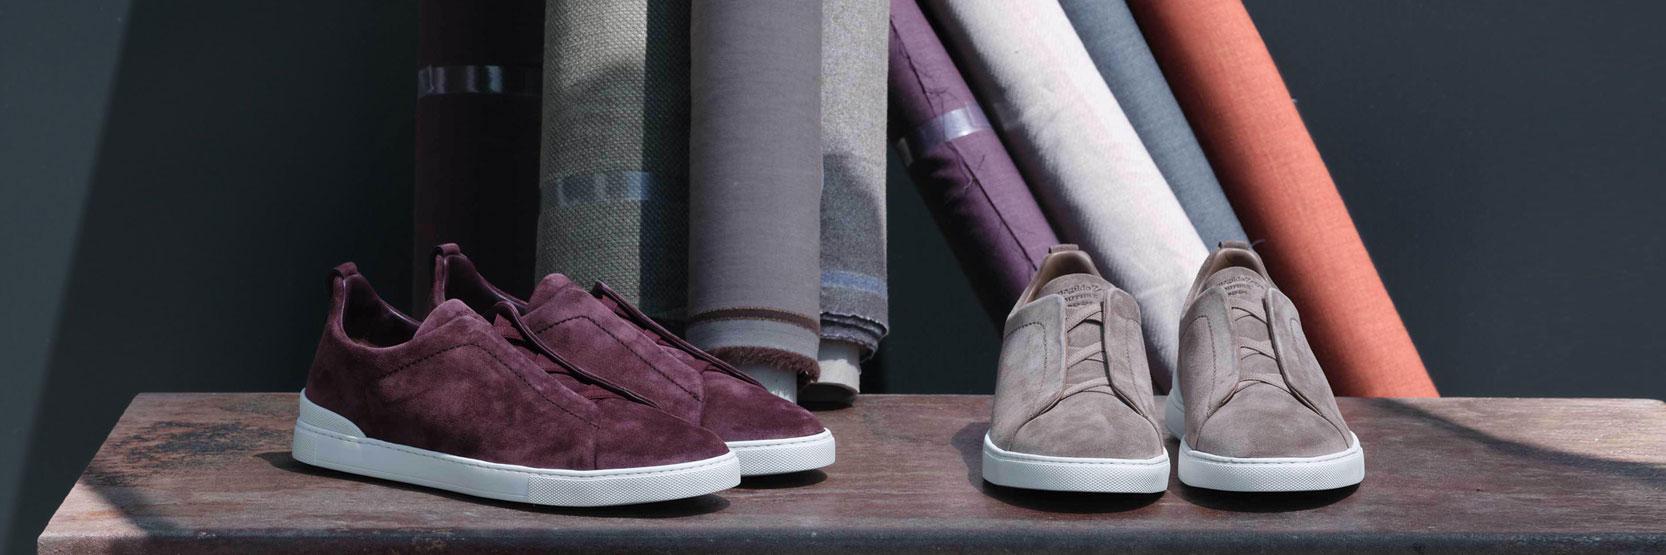 تنسيق حذاء اللوفر مع الملابس المناسبة